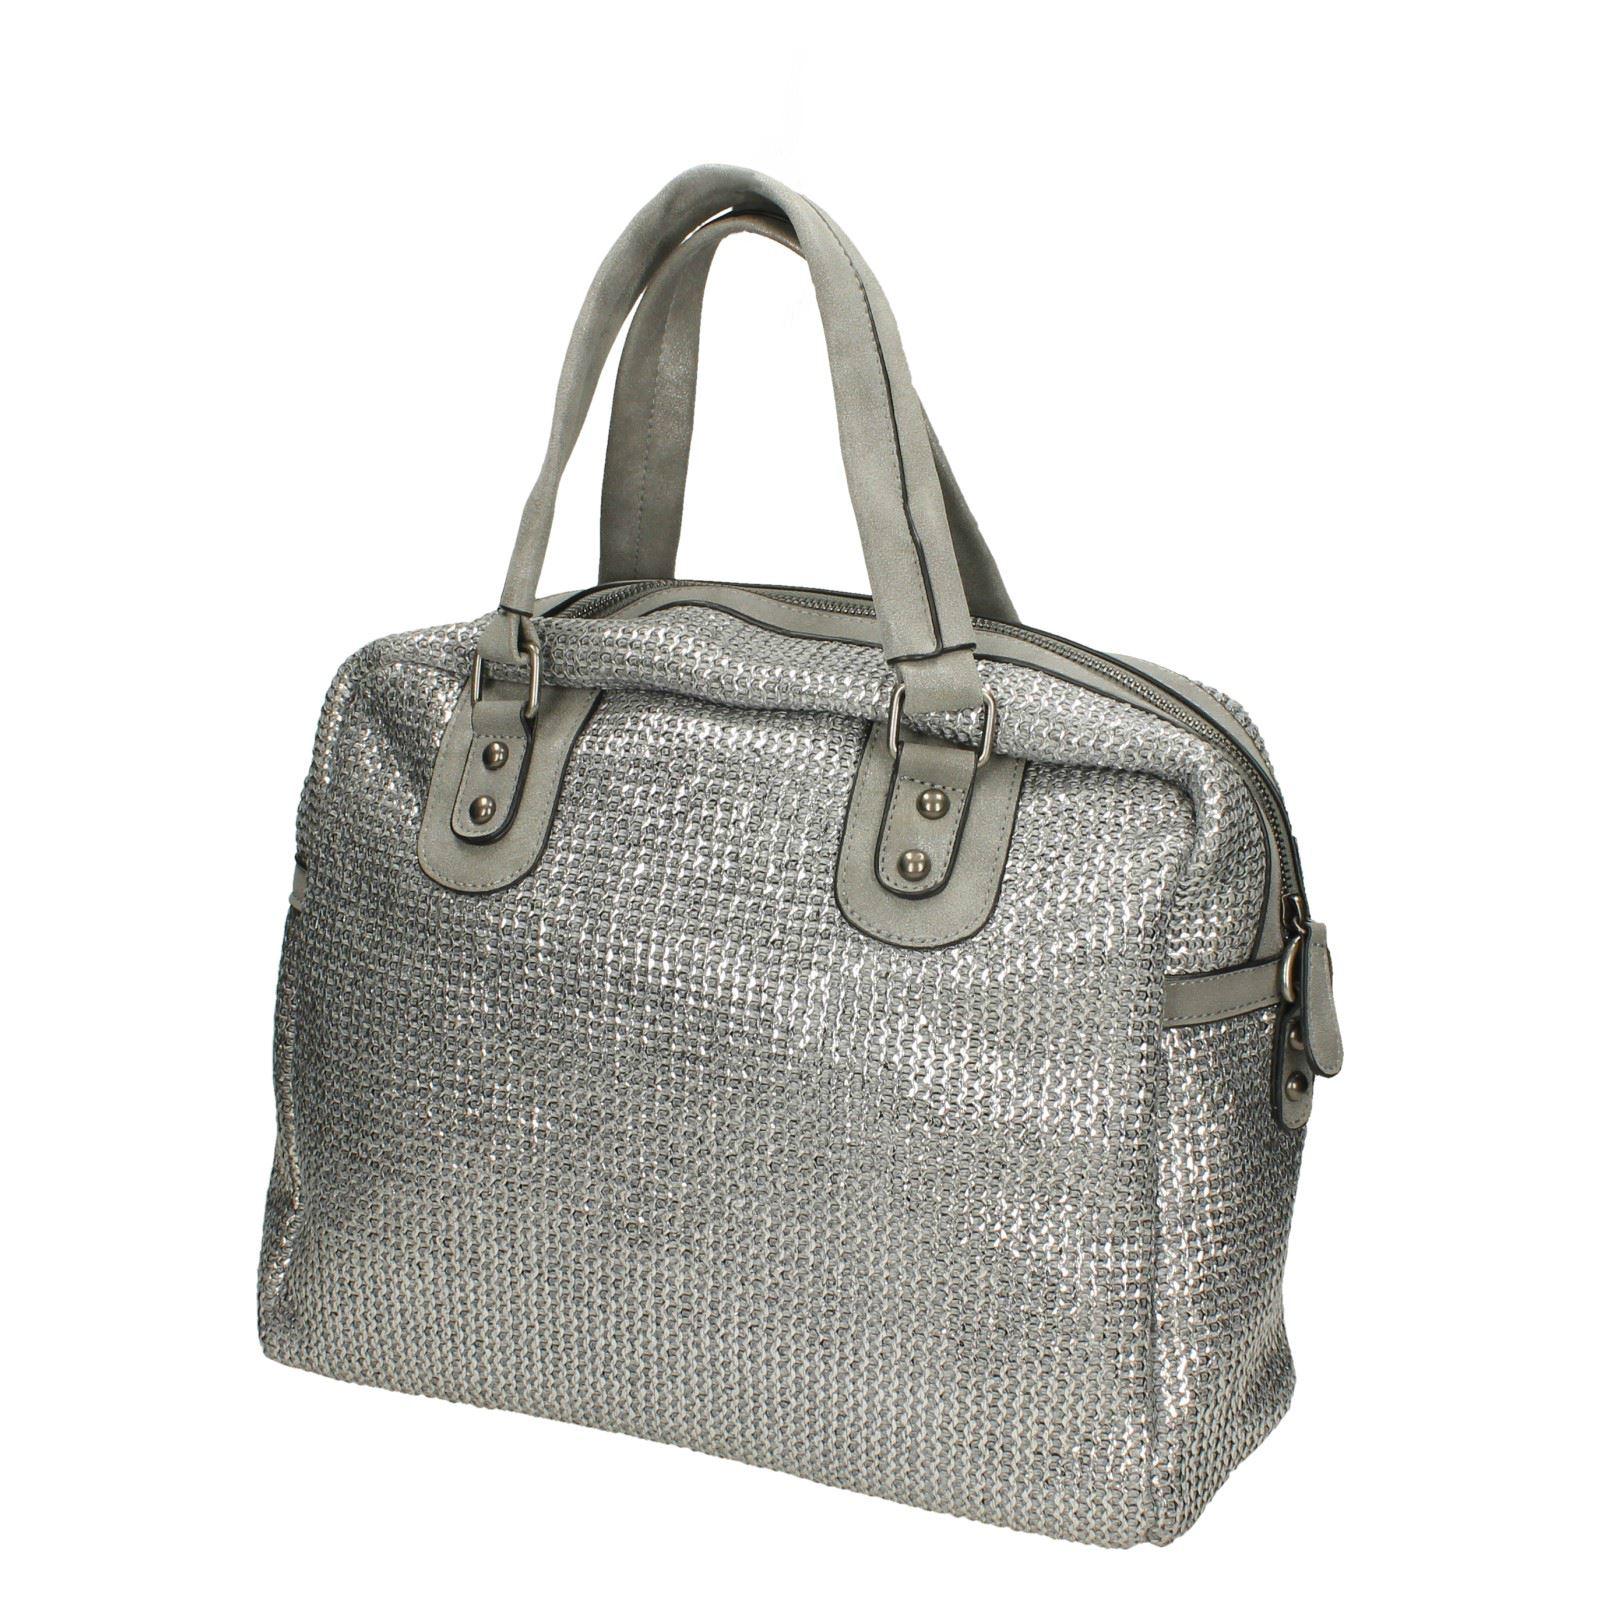 Ladies Shoulder Bag Q0383 Remonte 5Crs8NP1ue